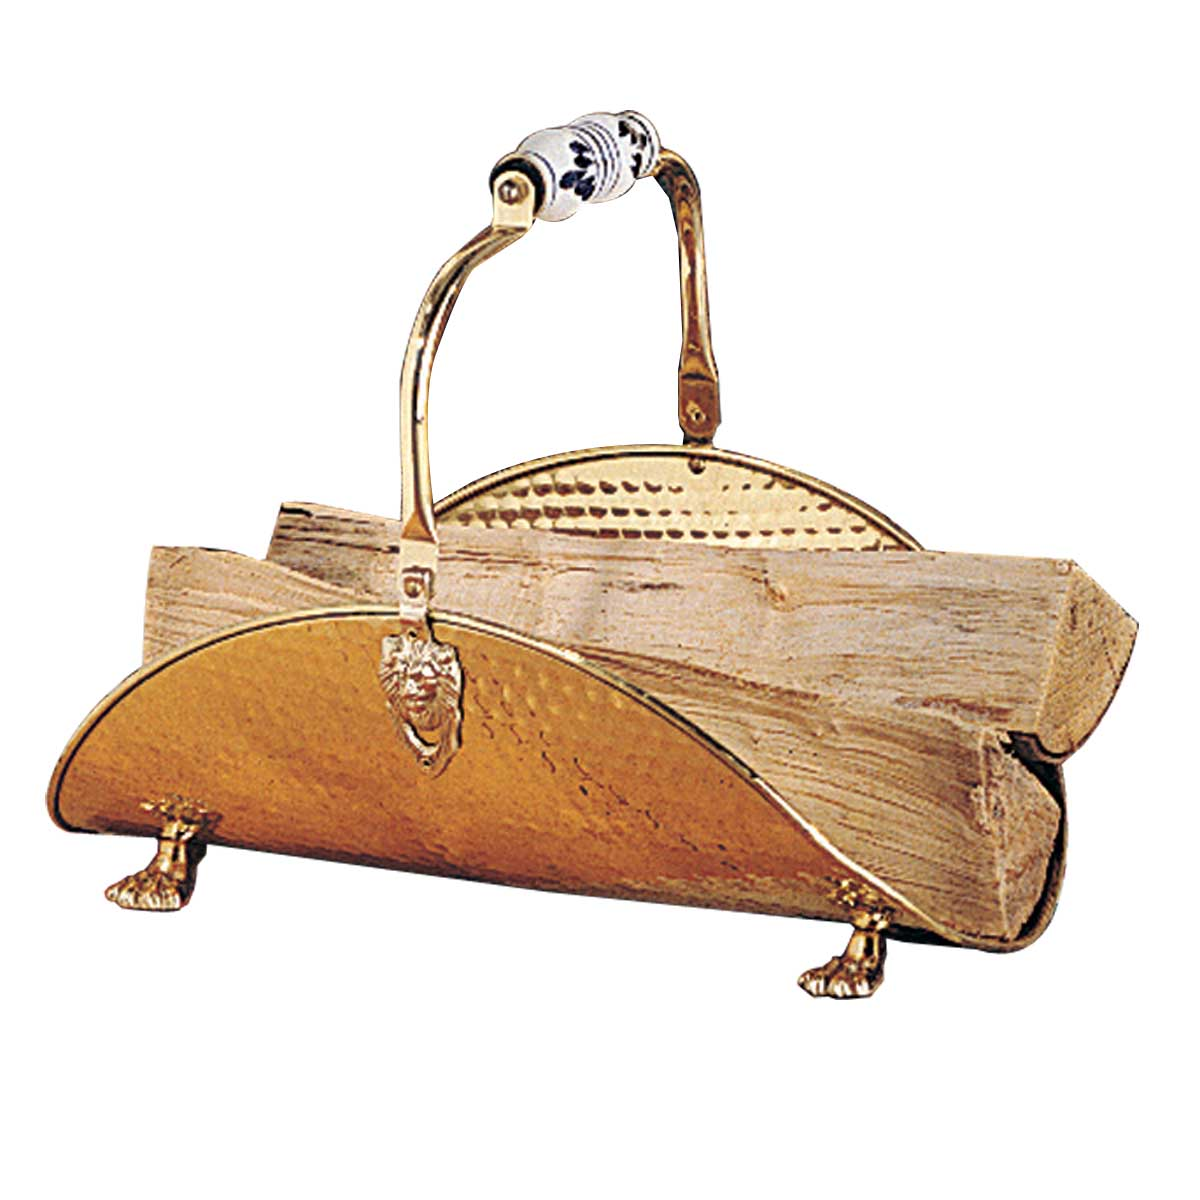 fireplace log holder fujise us